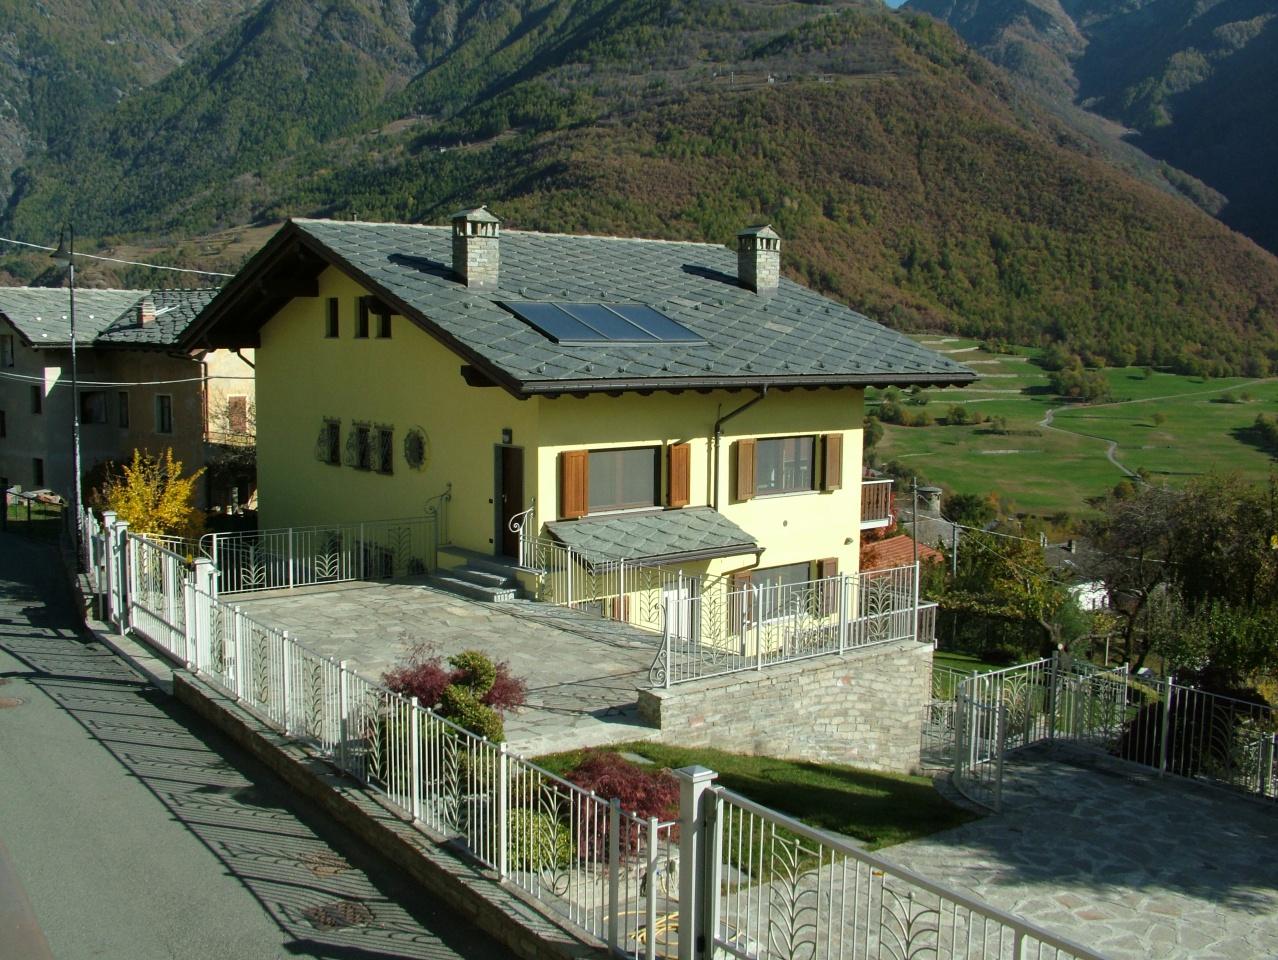 Villa in vendita a Challand-Saint-Victor, 9 locali, prezzo € 799.000 | PortaleAgenzieImmobiliari.it